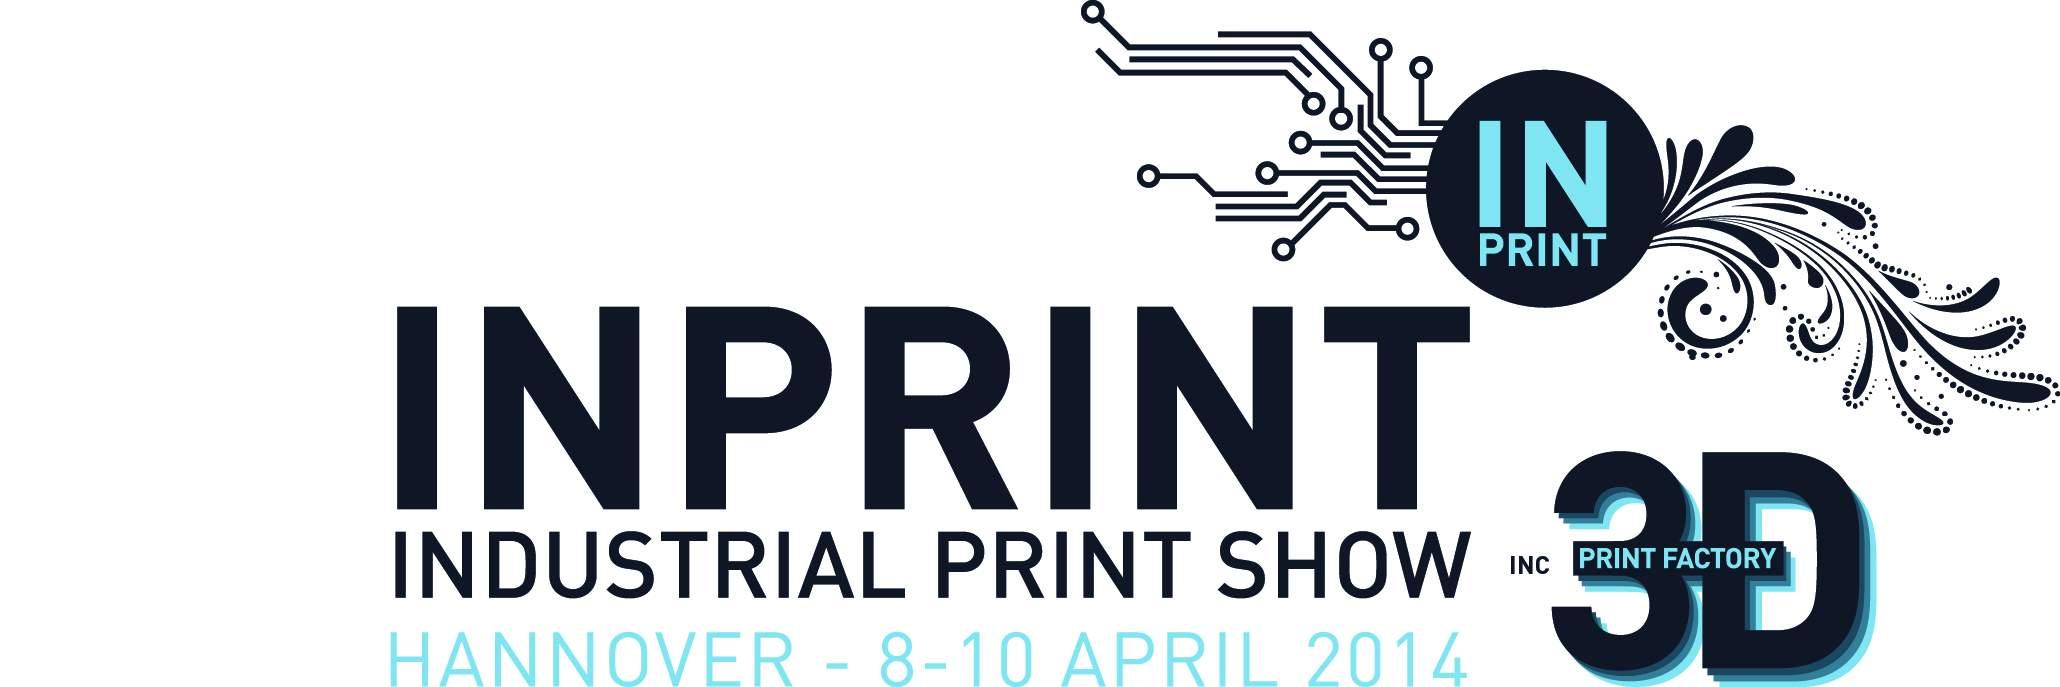 Inprint logo 3D Dates